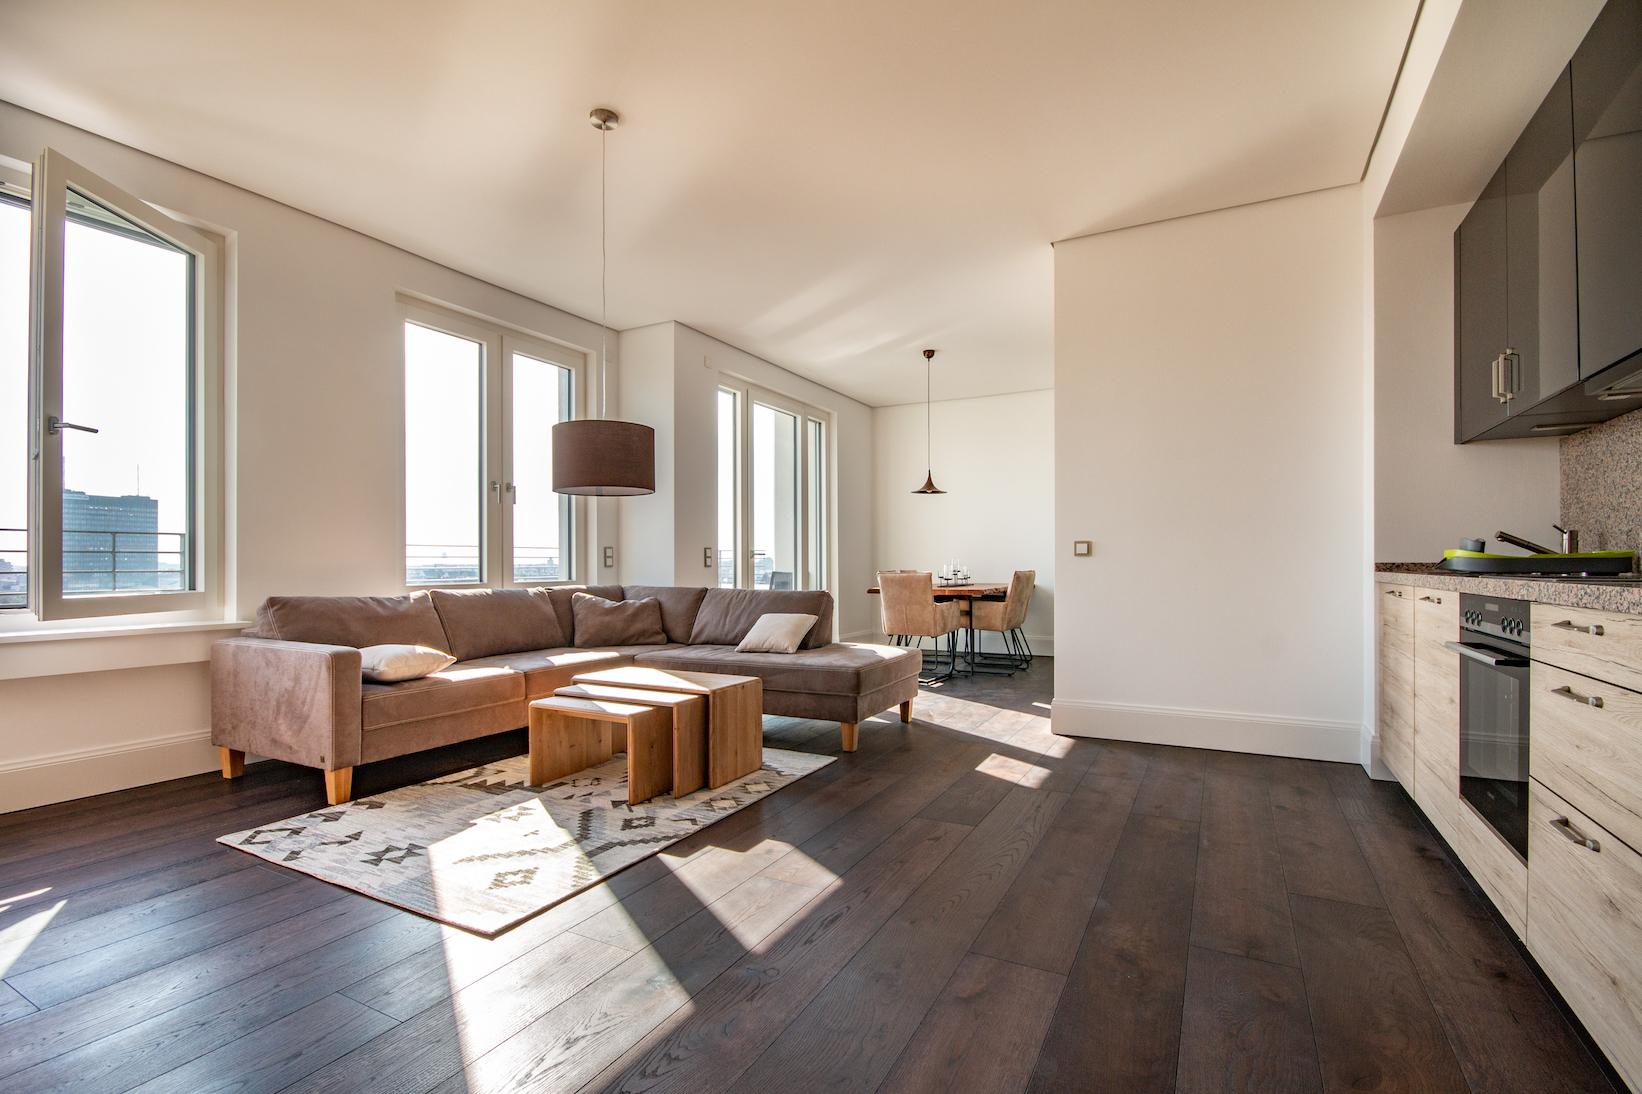 Cuisine Integree Dans Salon penthouse meublé au 11/12e étage - tiergarten - disponible